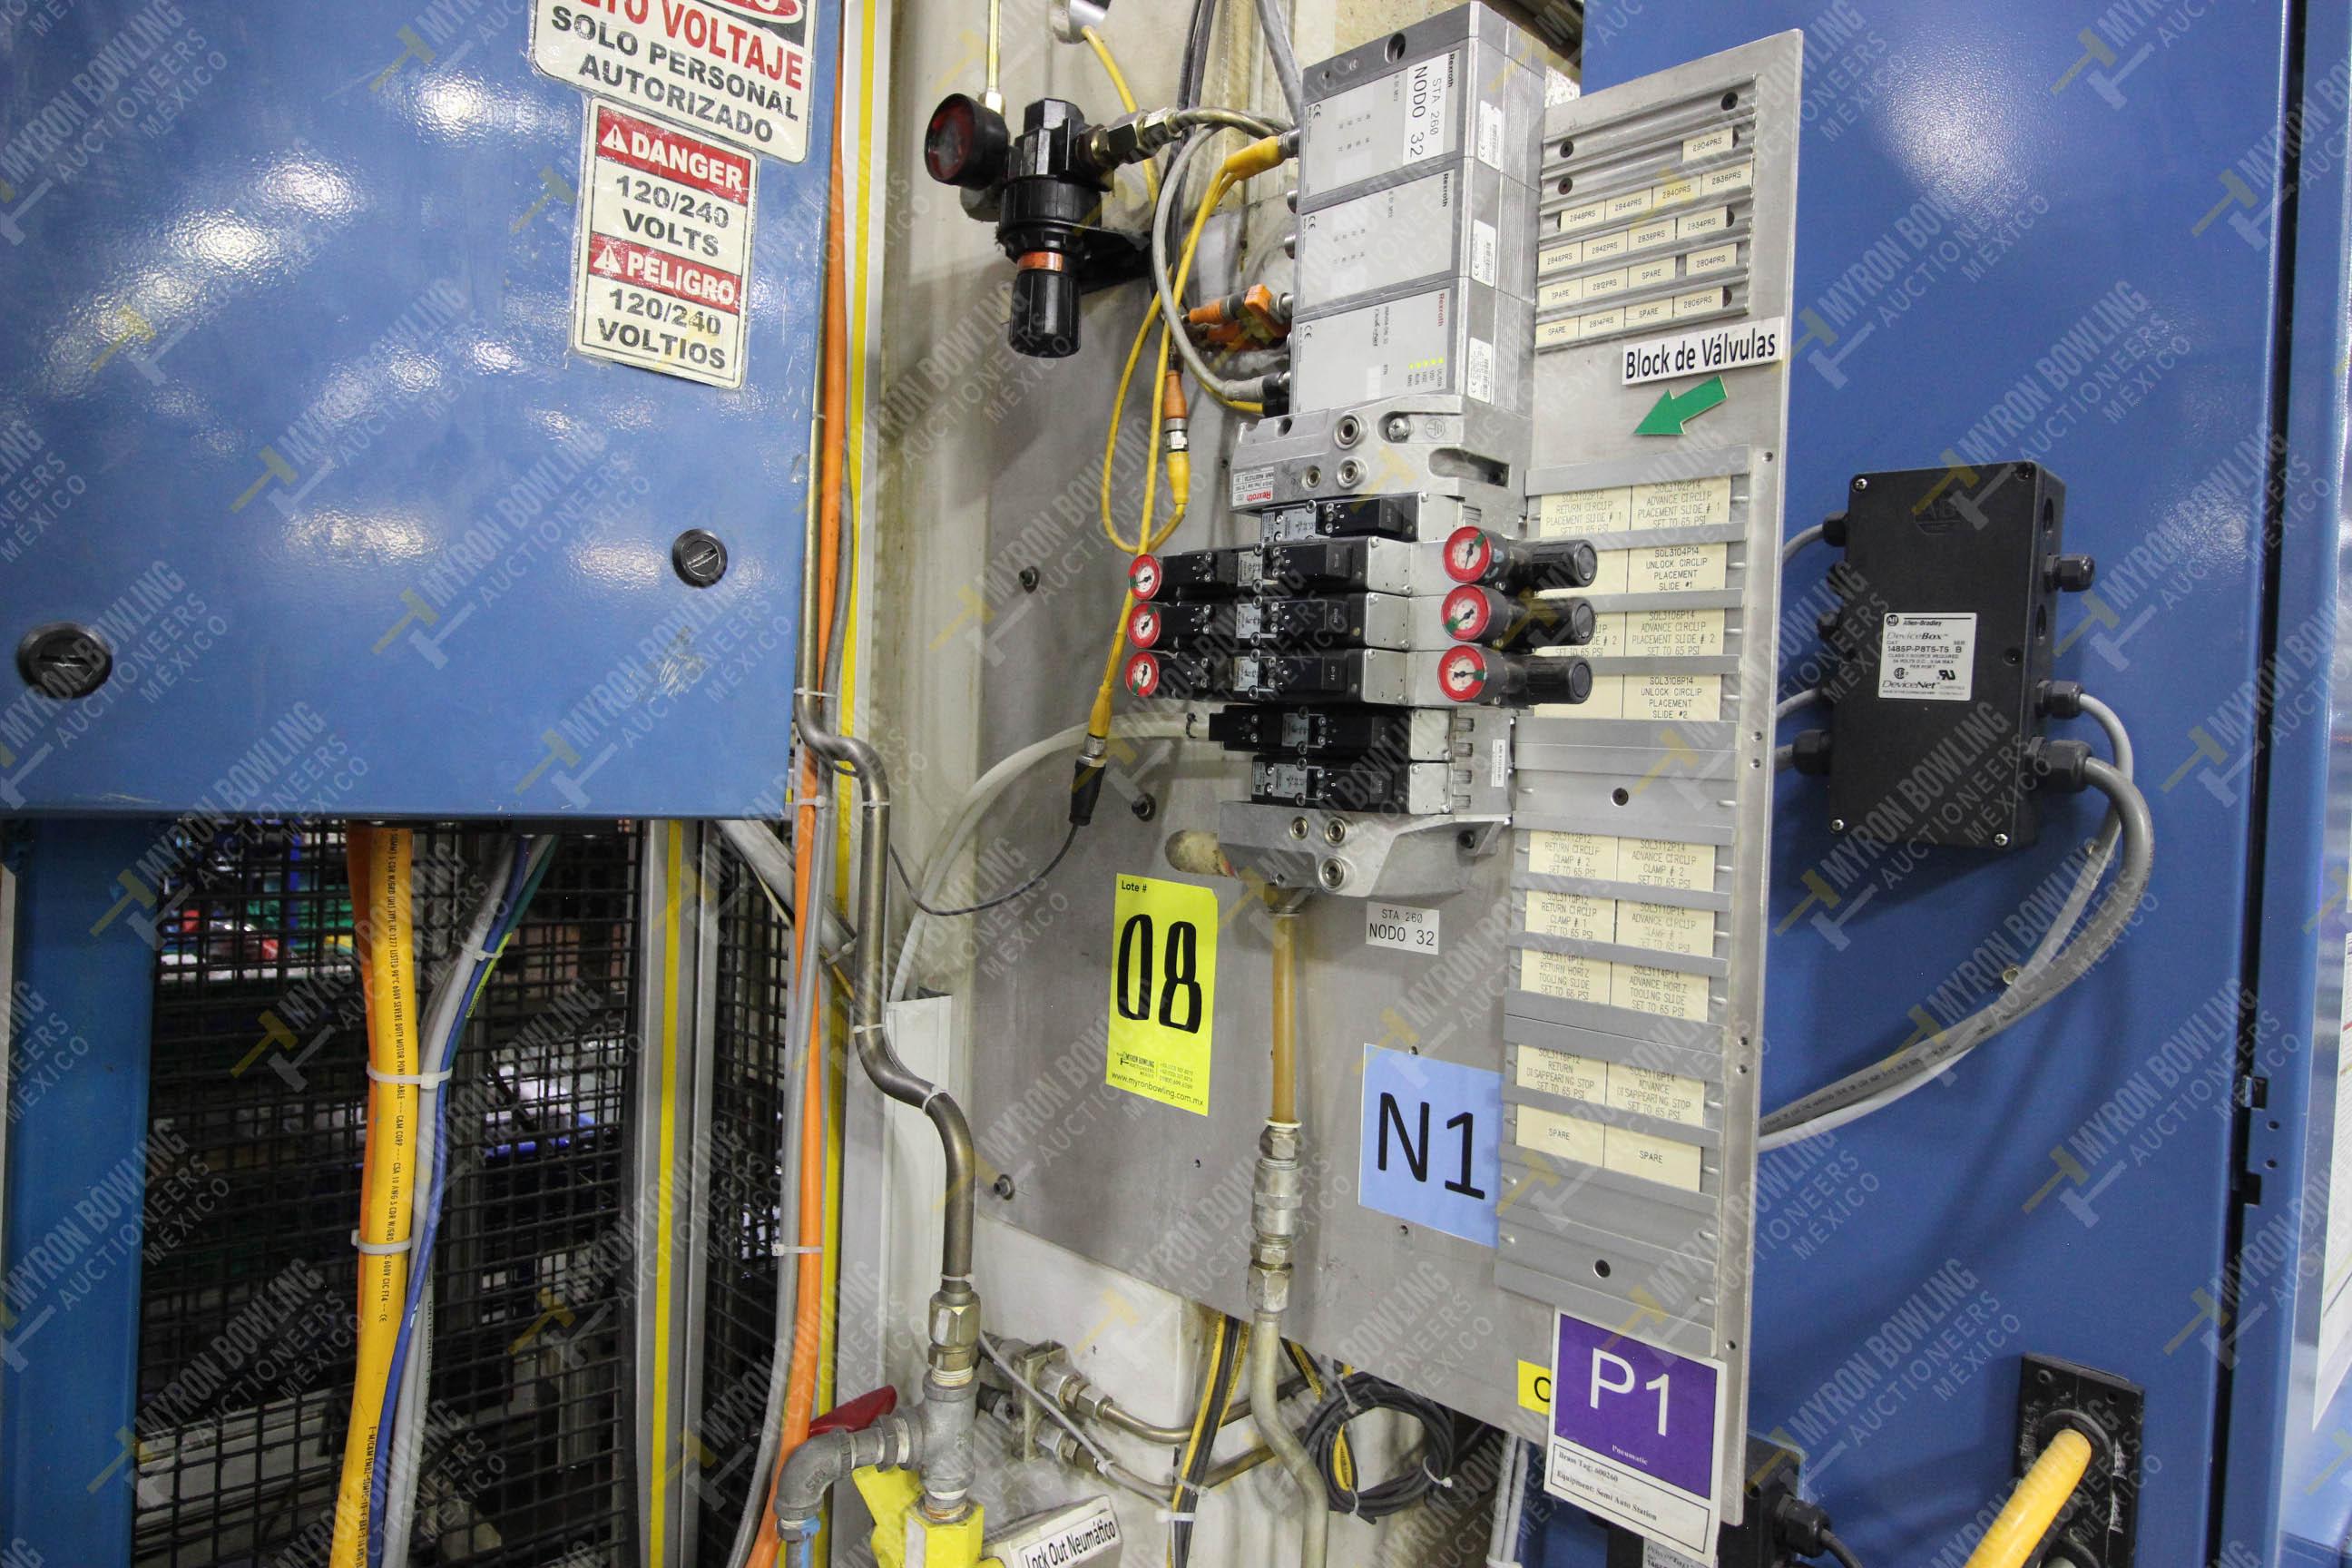 Estación semiautomática para operación 260 de ensamble - Image 13 of 20